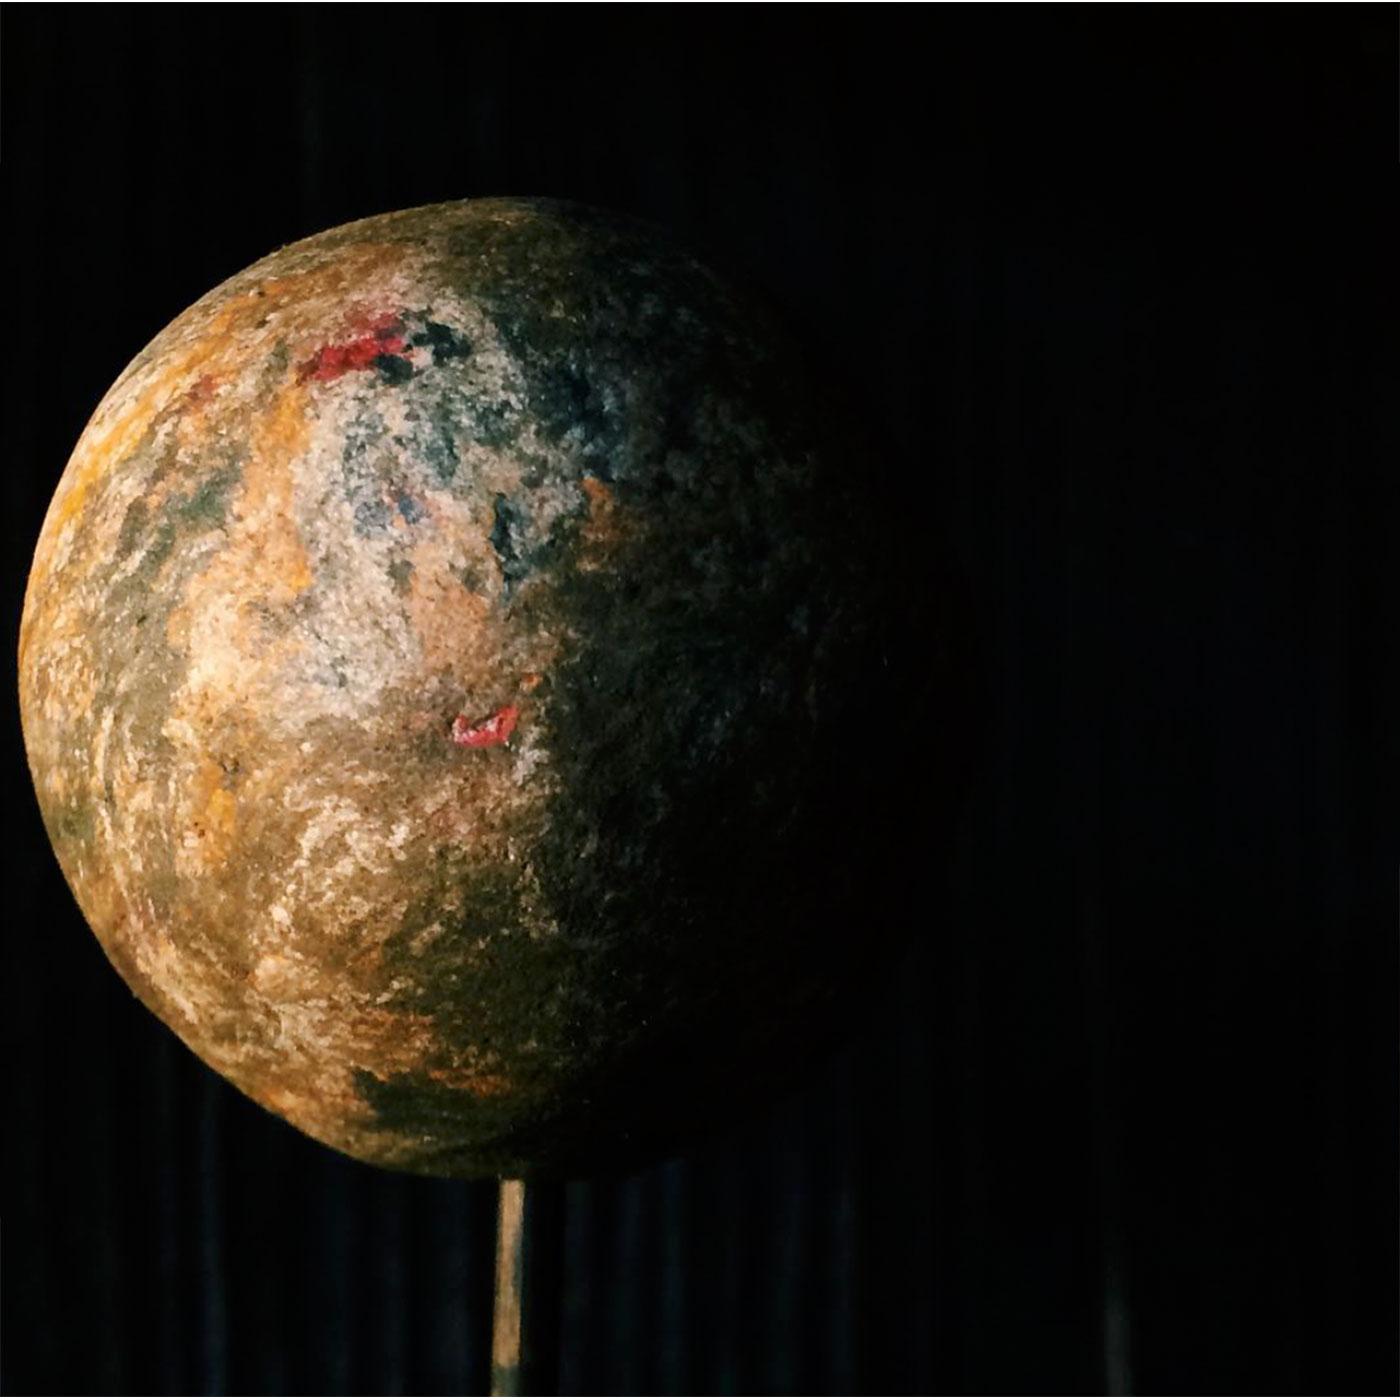 写真の撮りかた次第で本物みたいな惑星写真ができあがる。